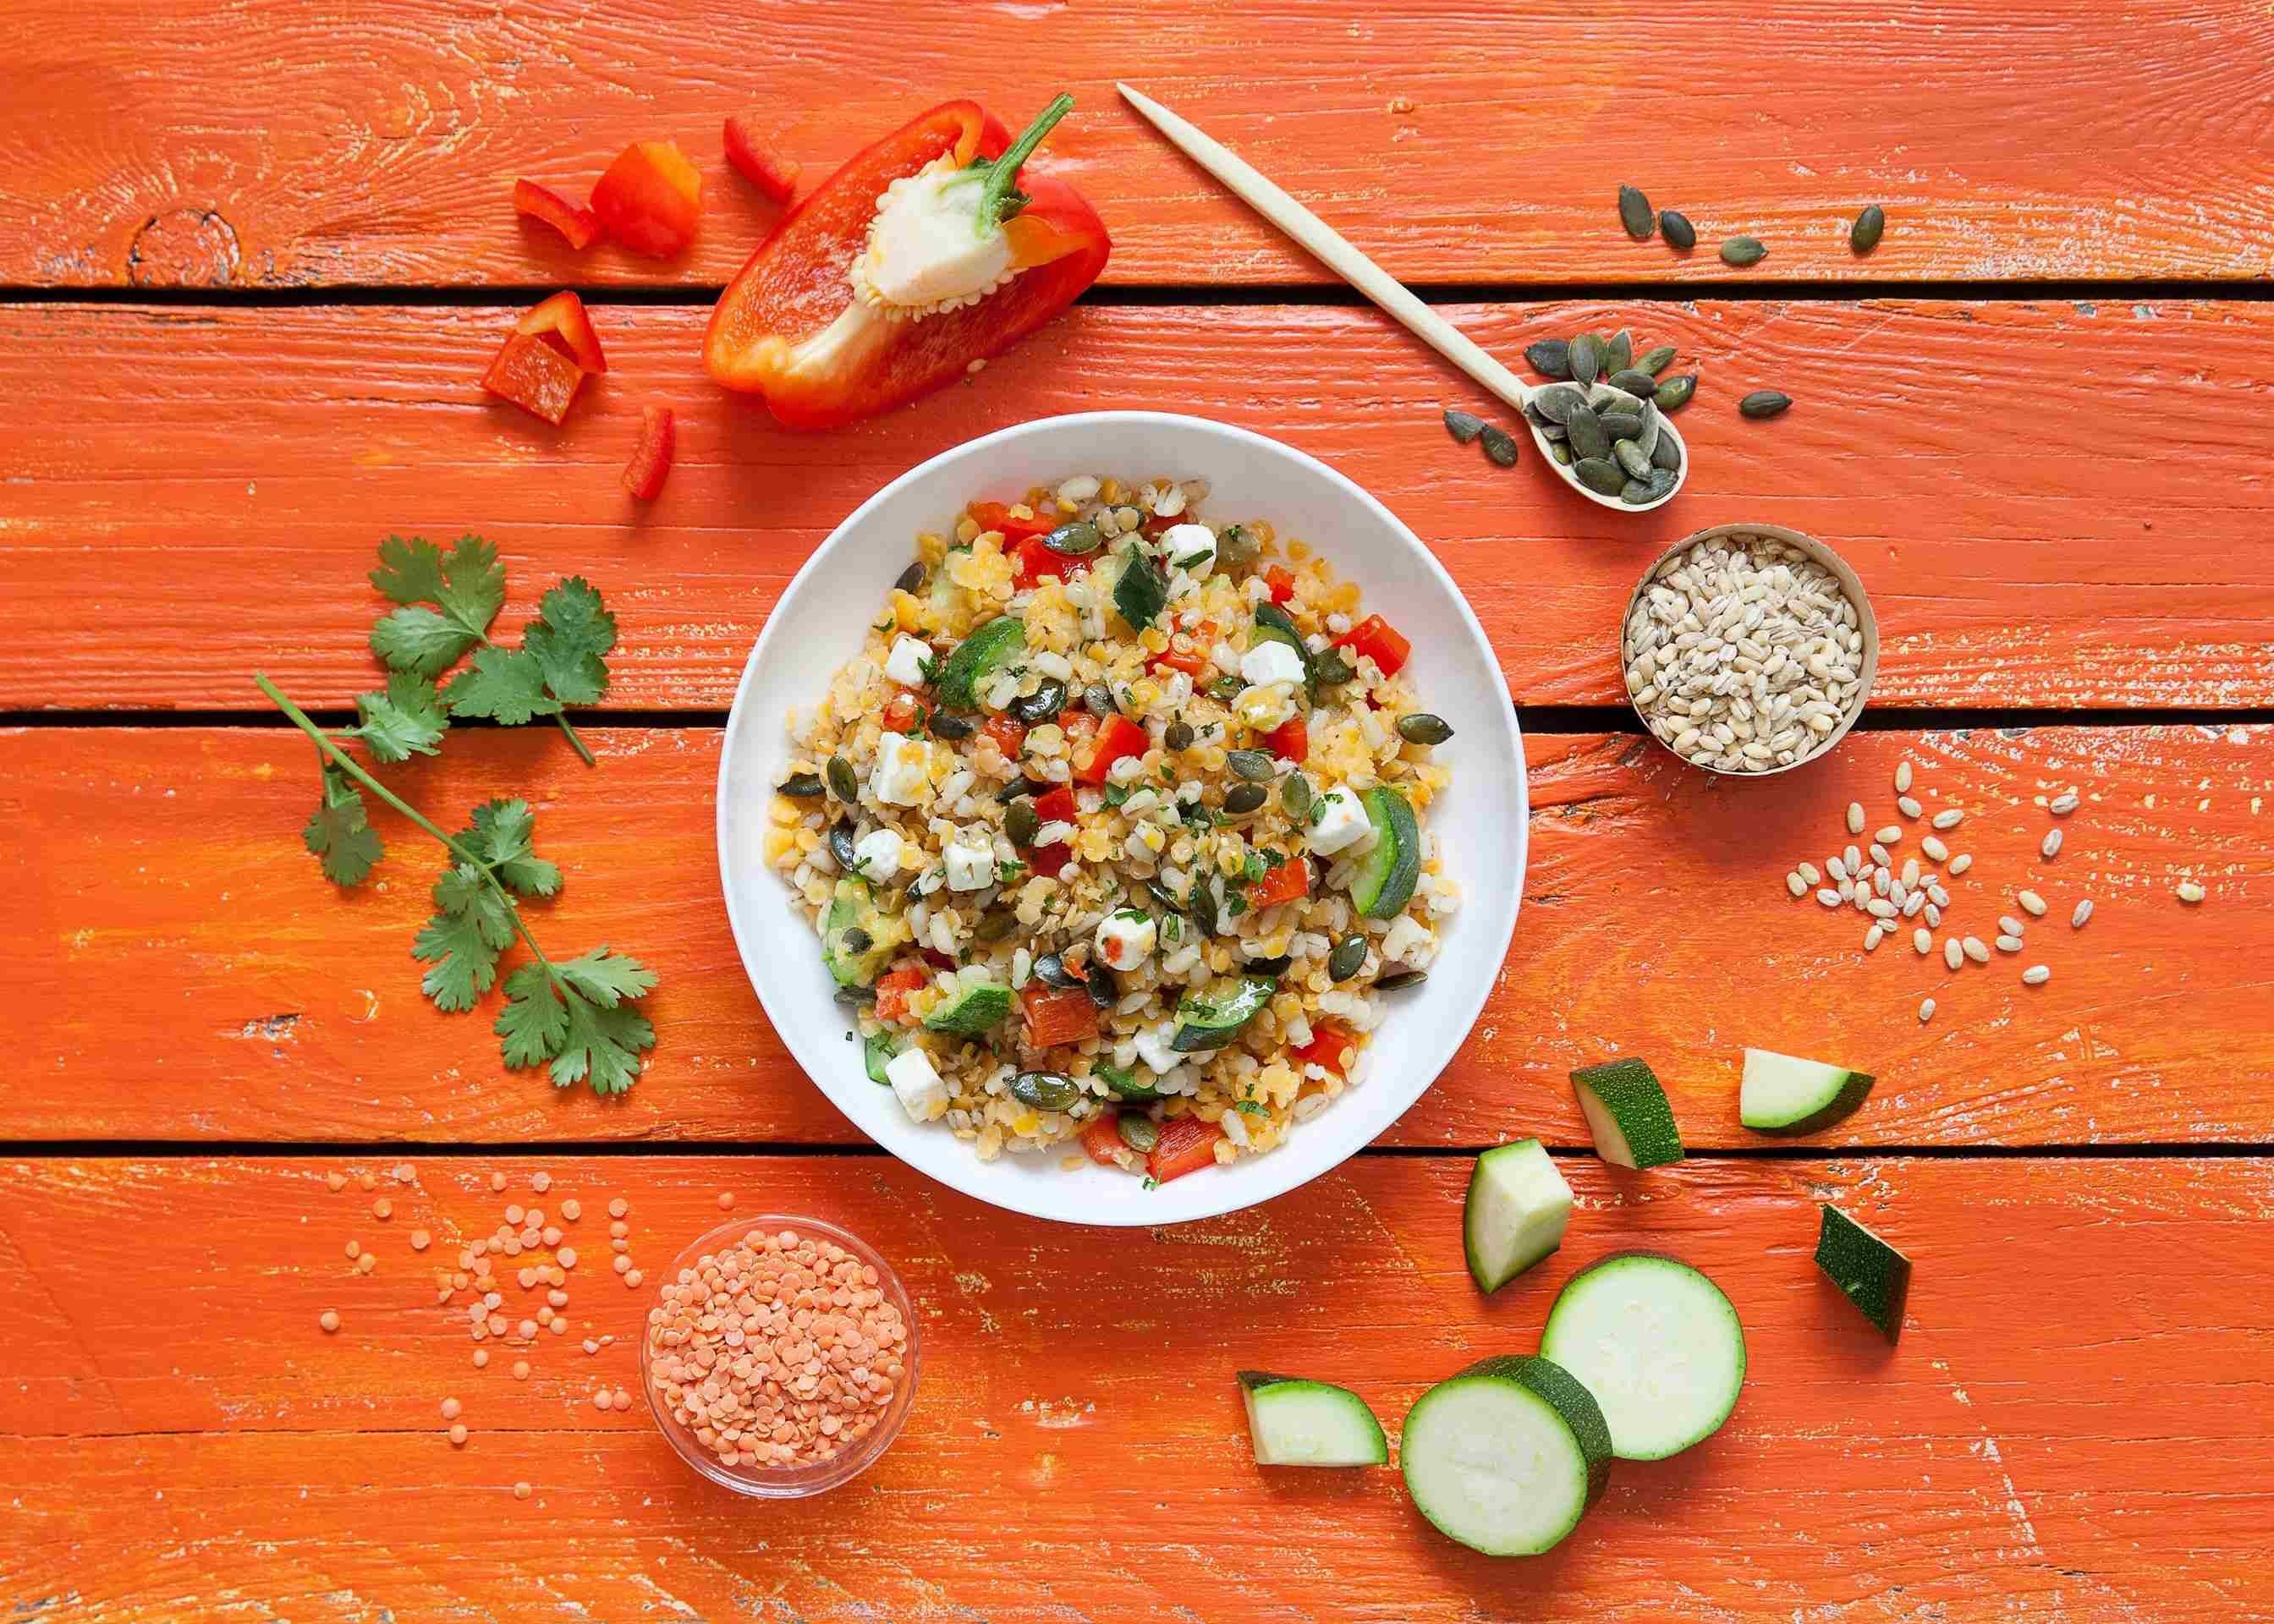 Salade A Emporter Orge Lentilles Corail Legumes Bonduelle